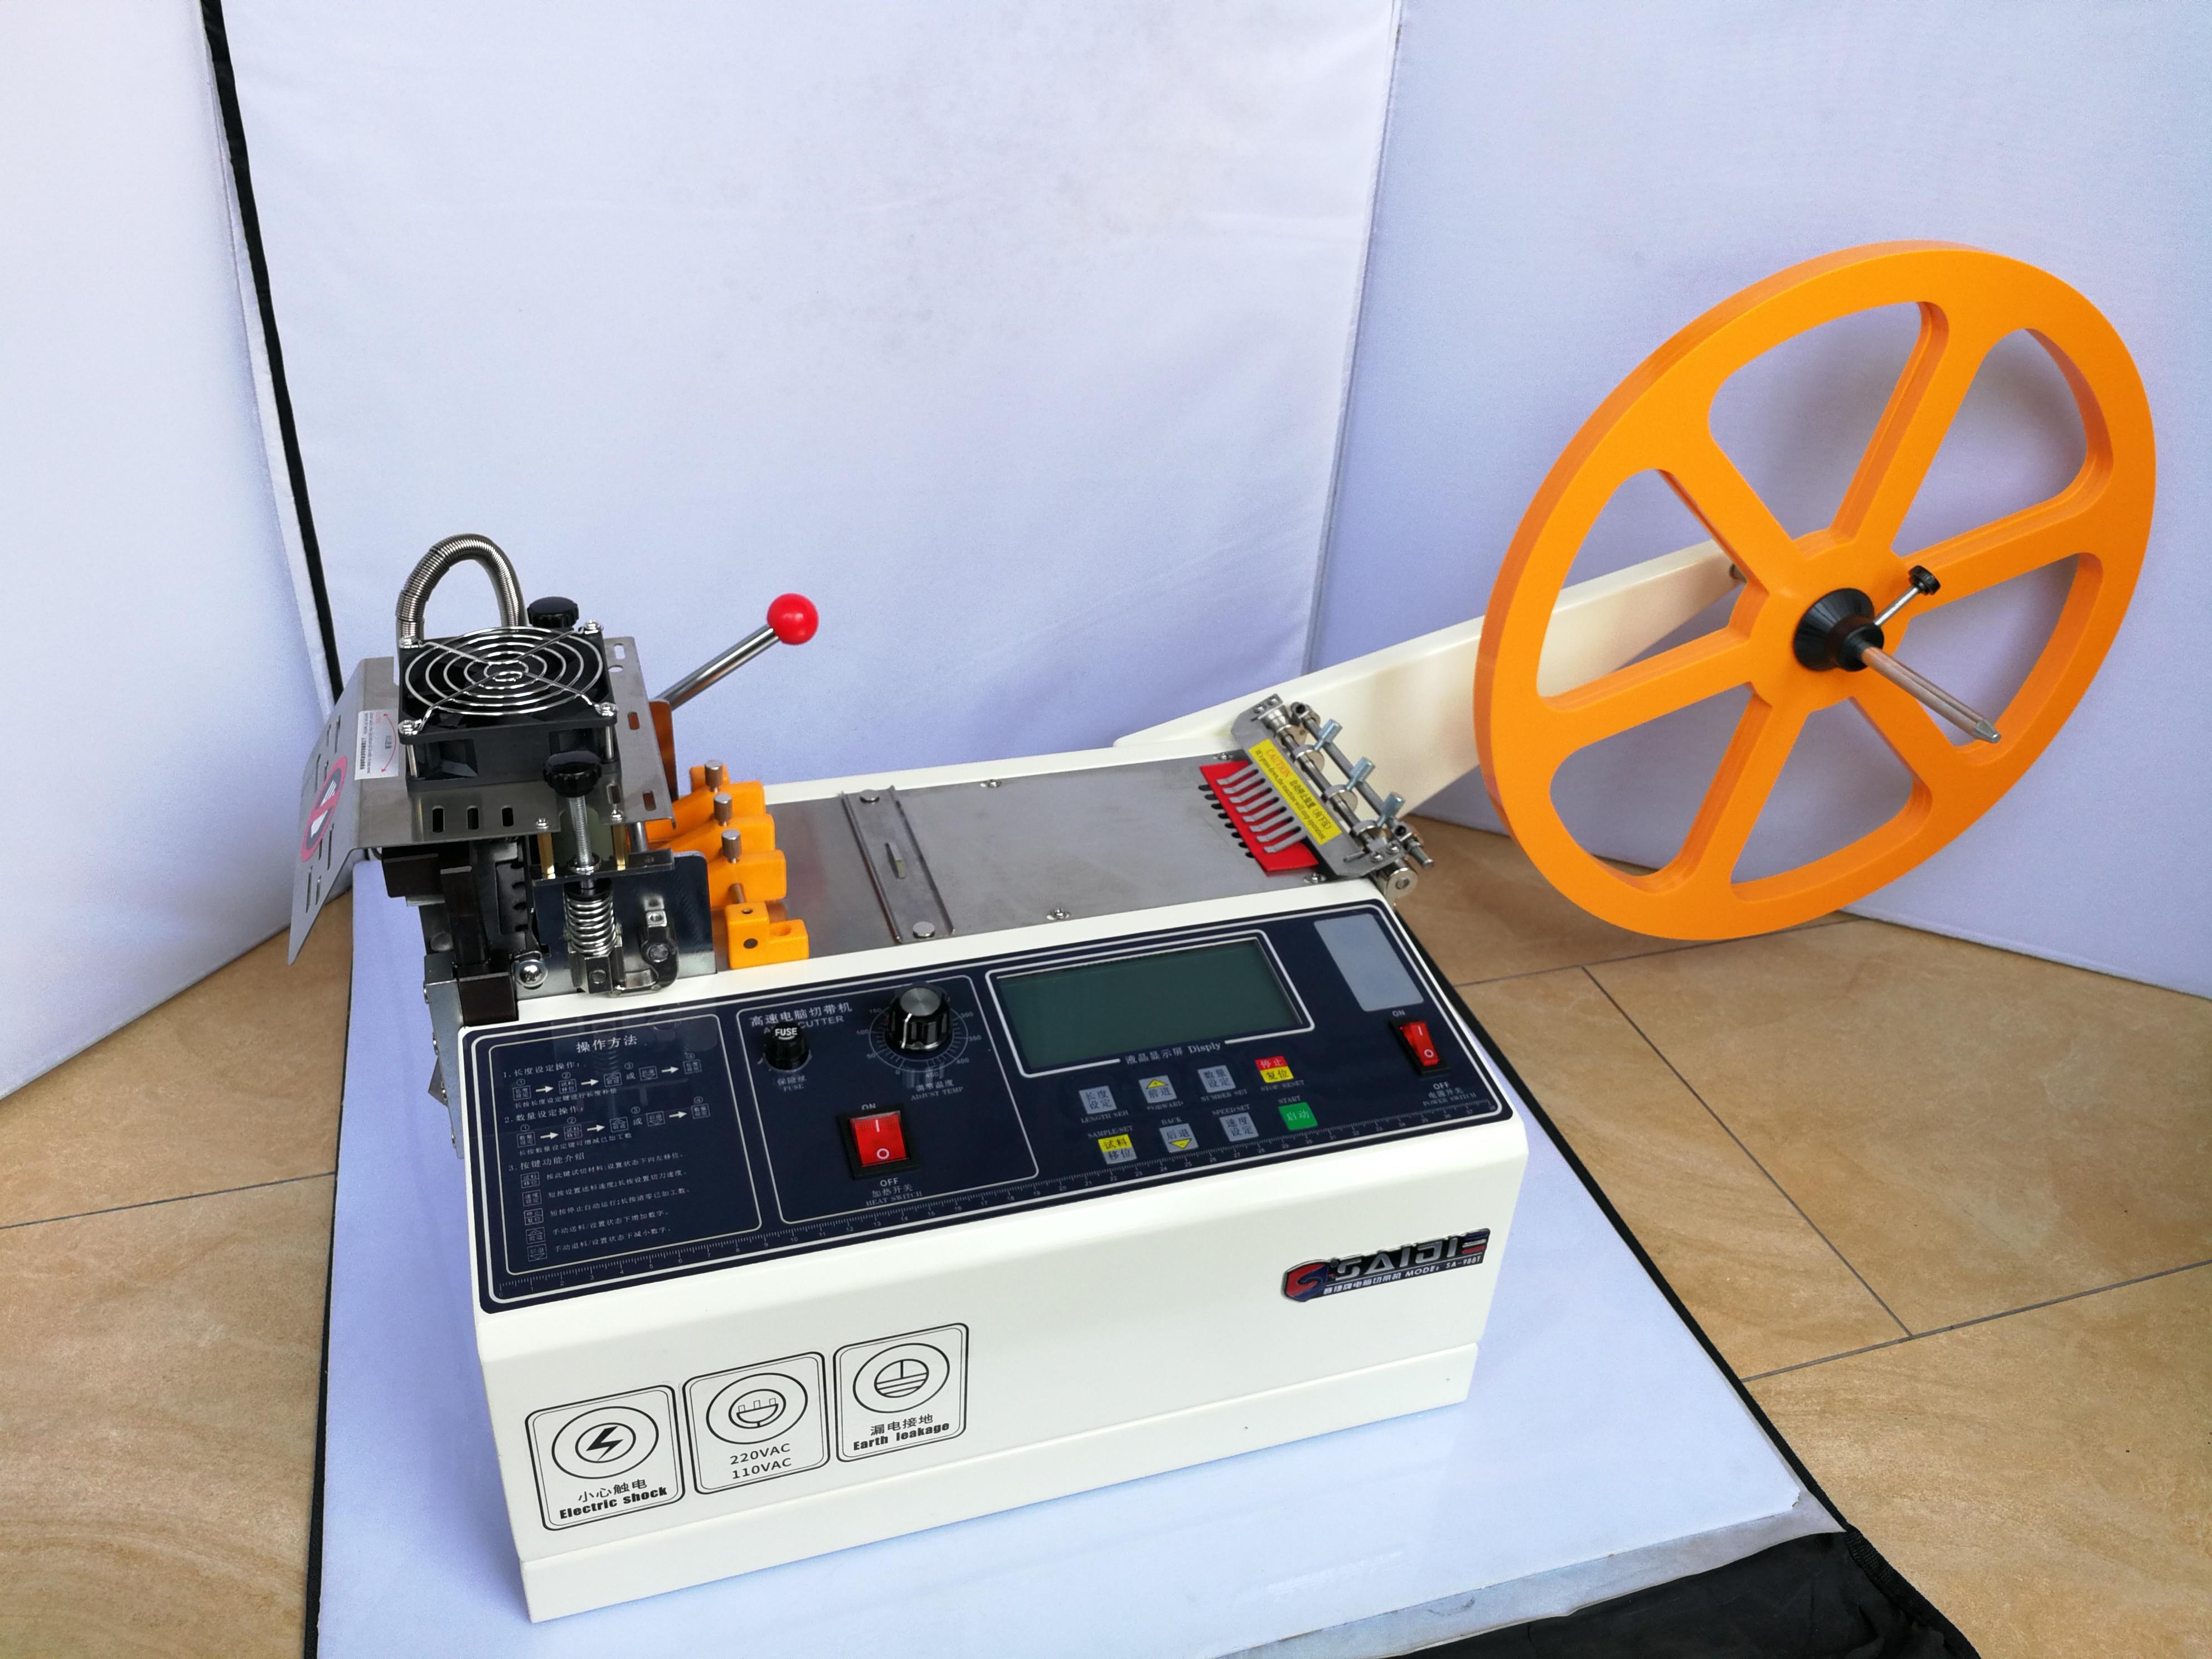 Découpeuse automatique de ceinture de tissu chaud et froid de l'ordinateur 988 T, coupe élastique magique de ceinture de machine de sangle de tirette de bande adhésive